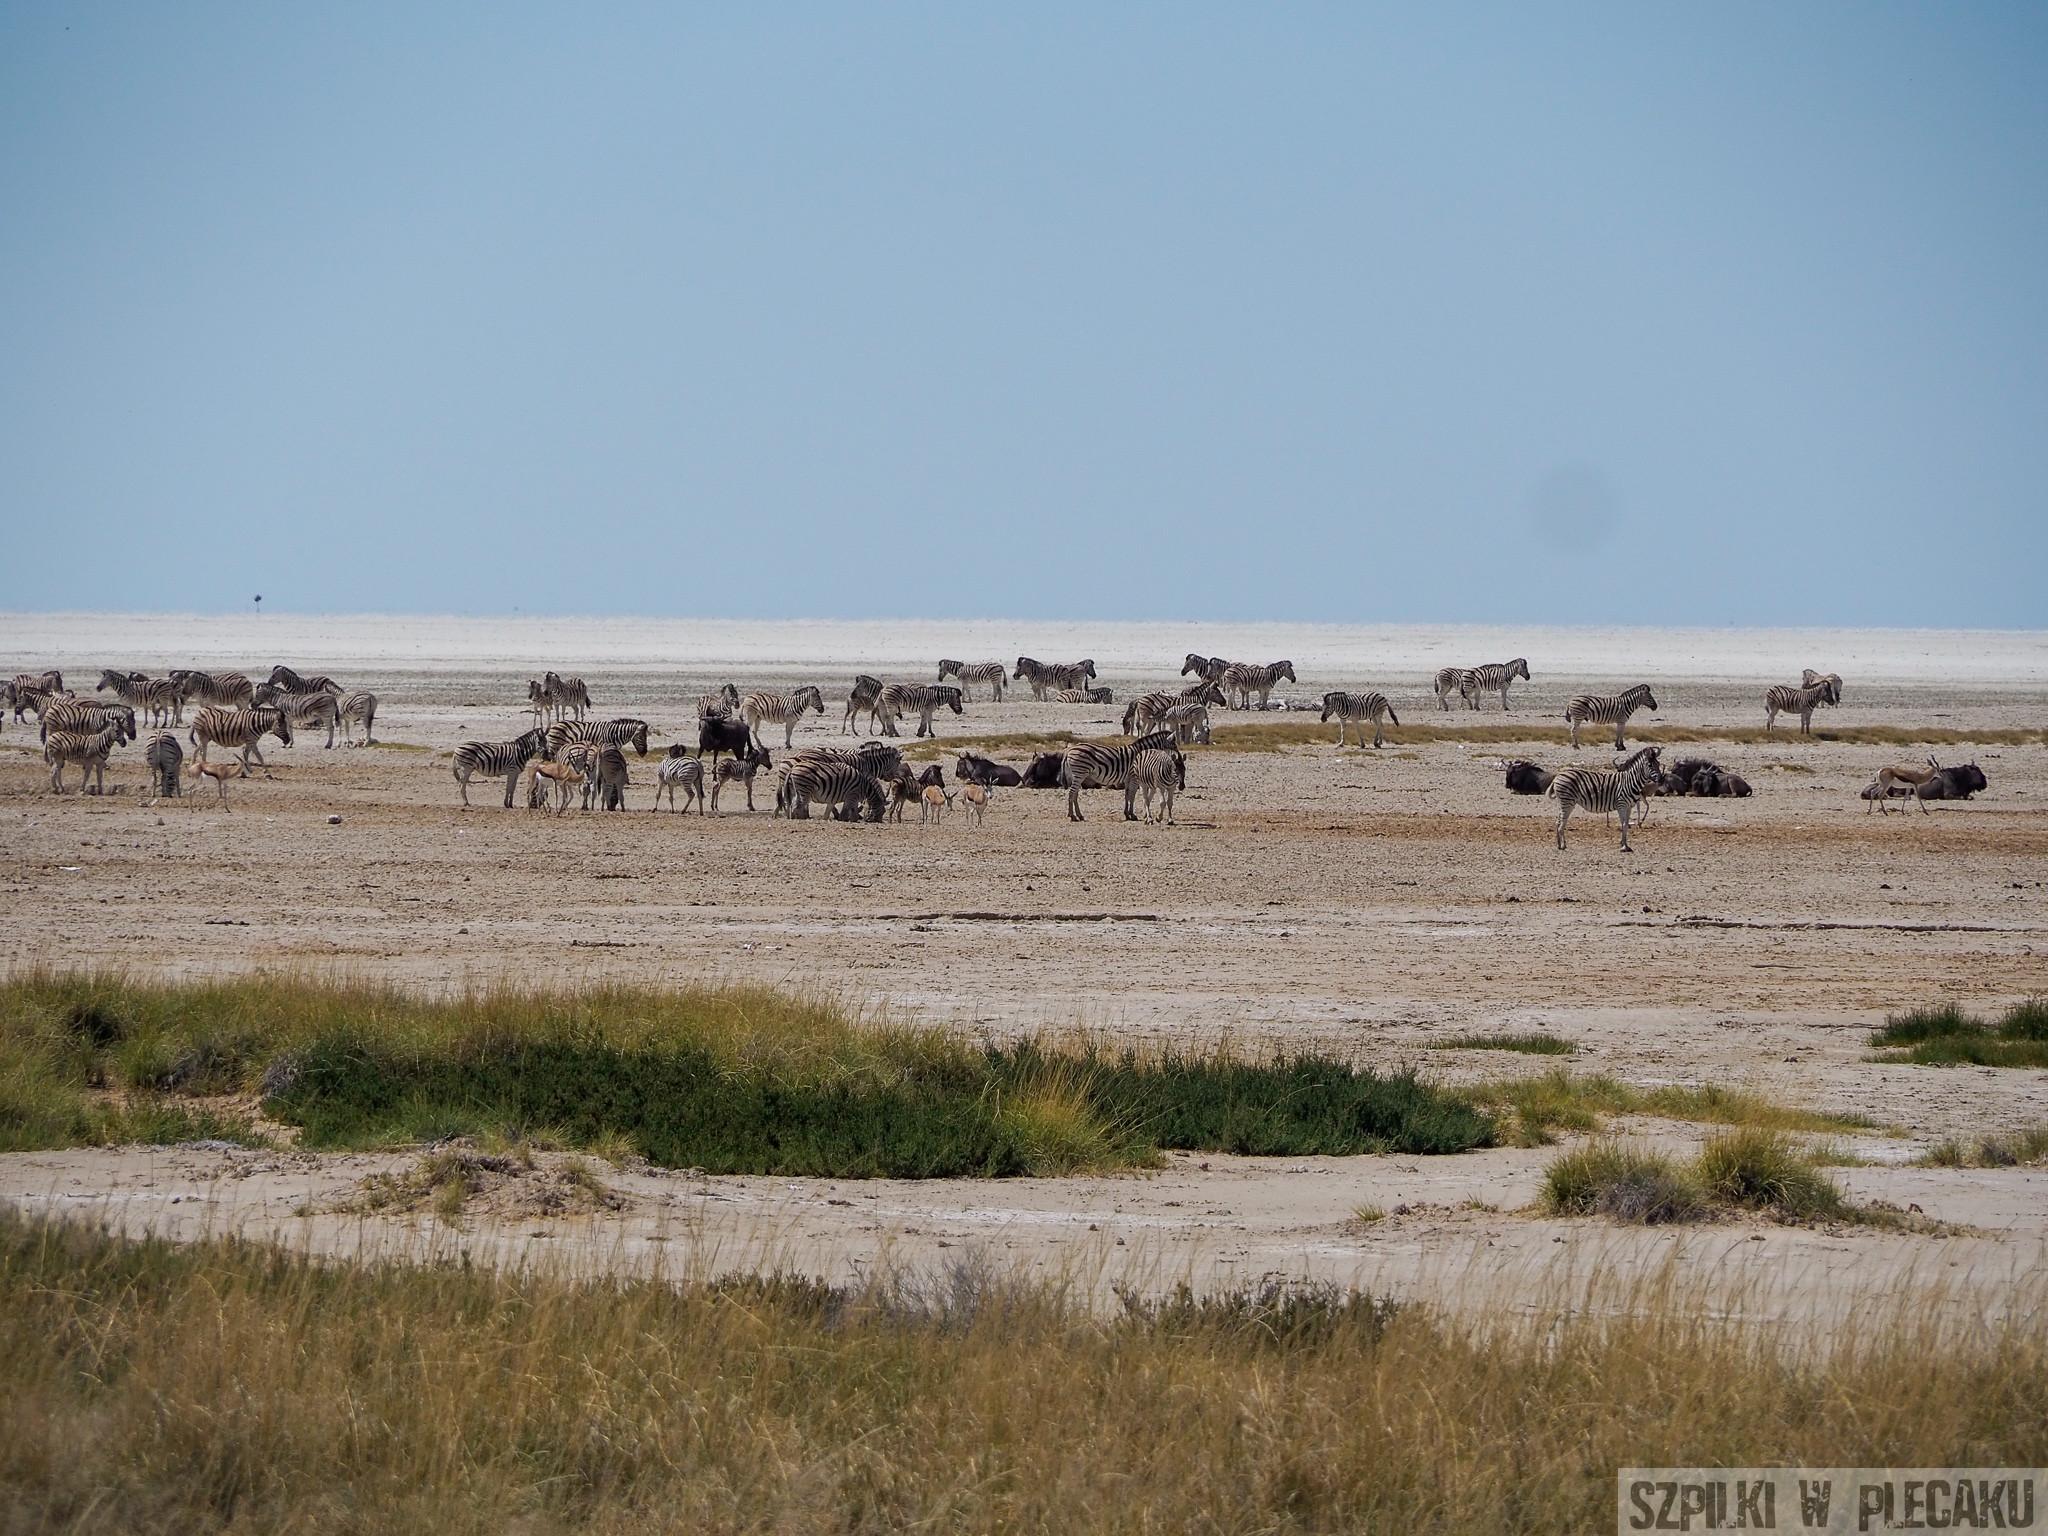 Etosha Park - Namibia - Szpilki w plecaku